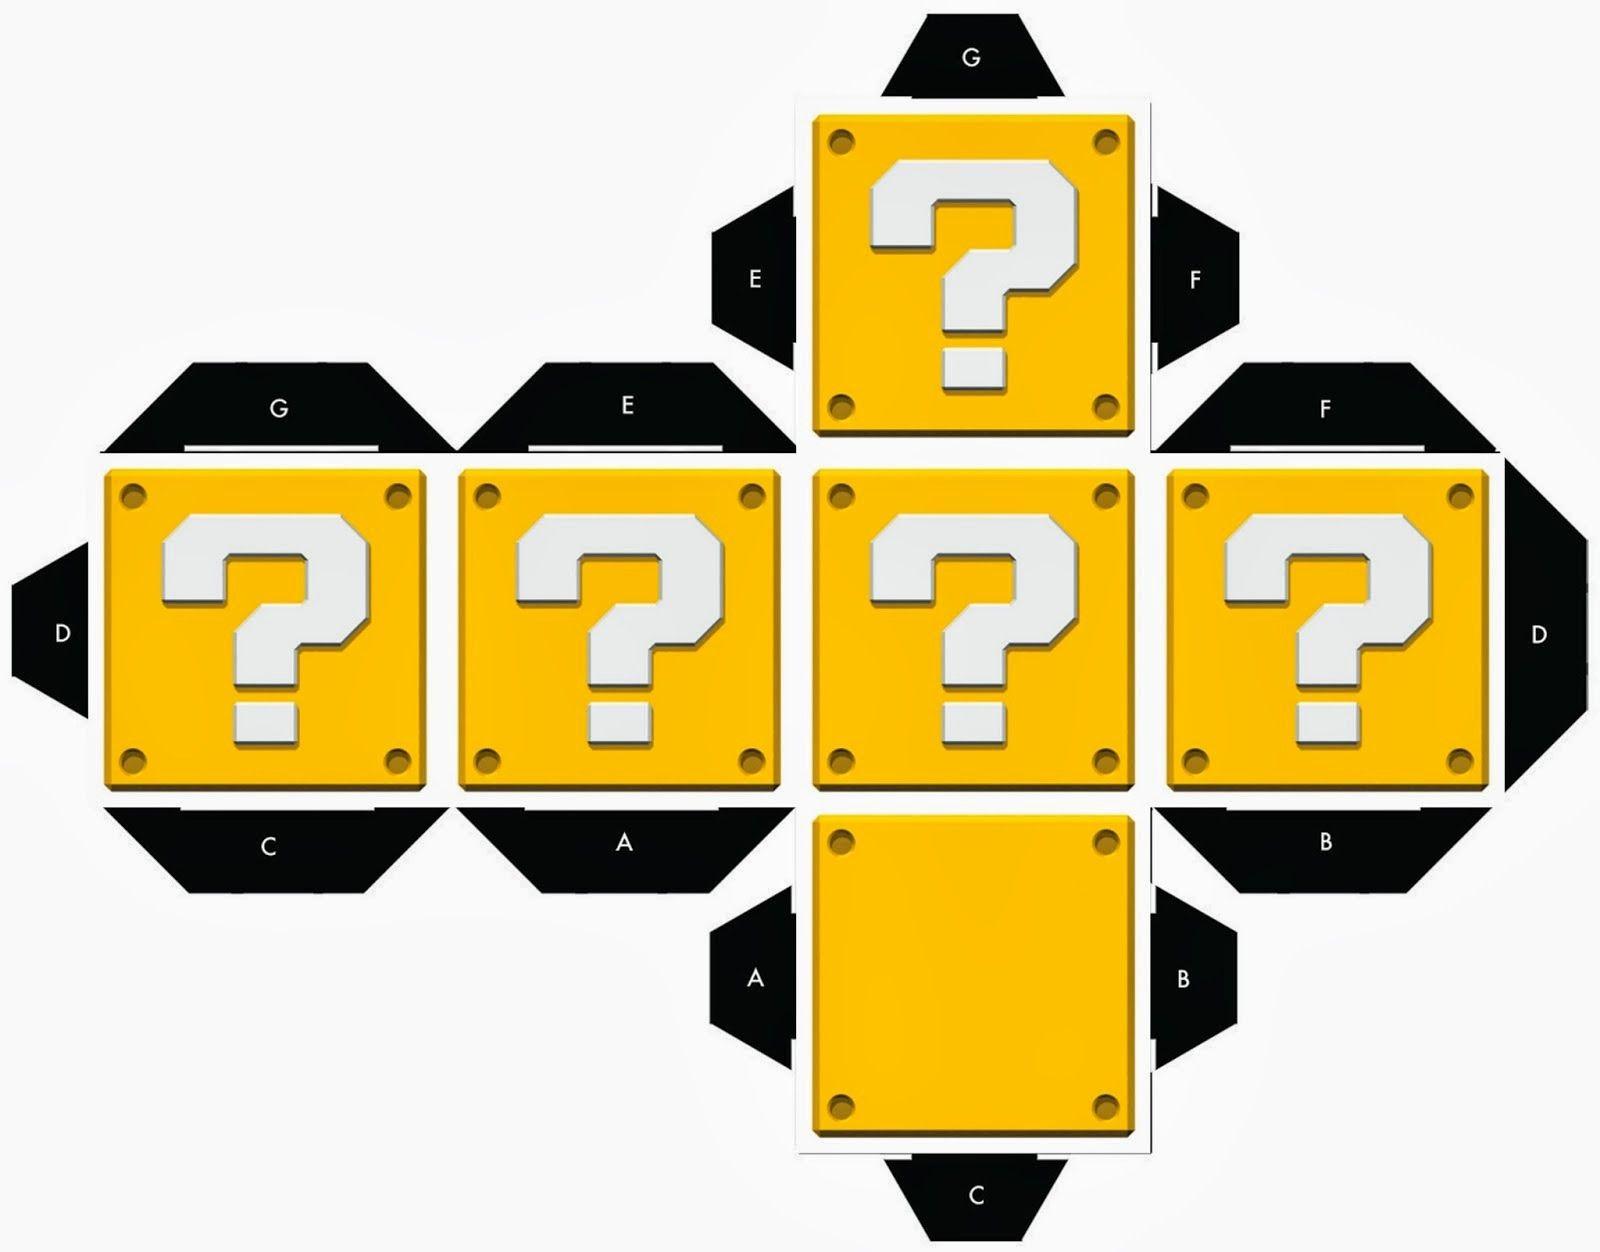 Super Mario Papercraft Cajas De Super Mario Bros Para Imprimir Gratis